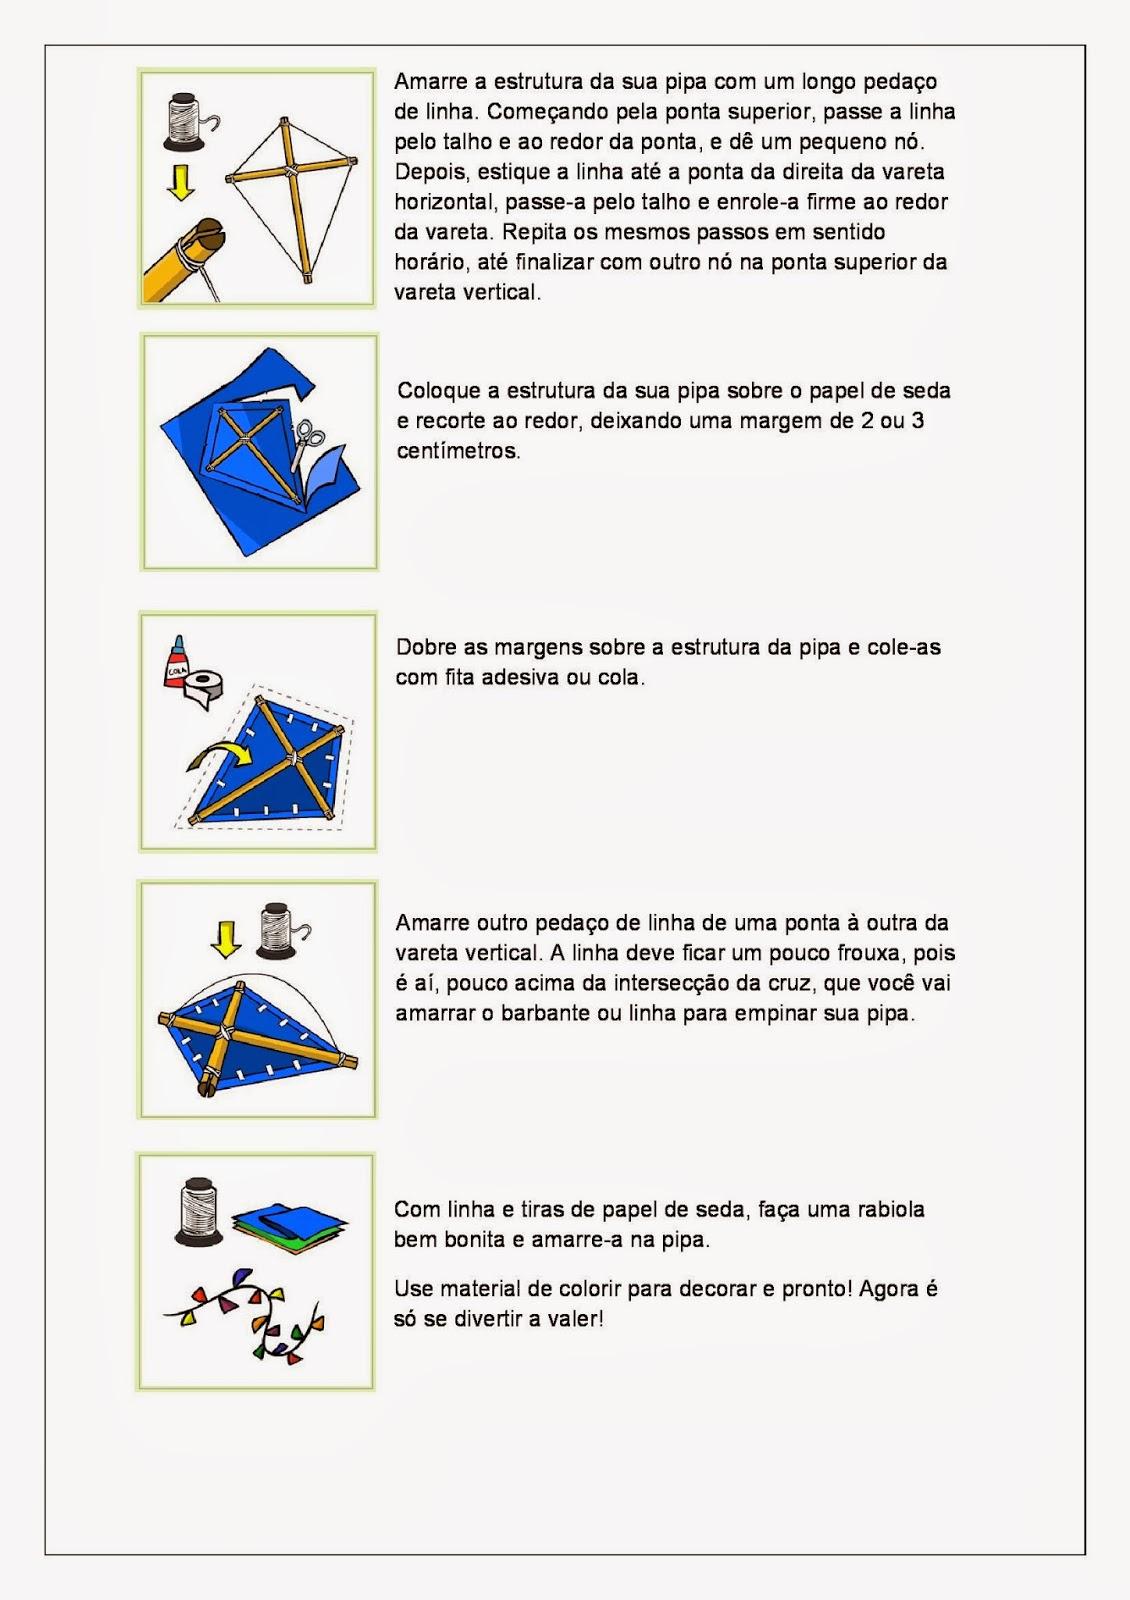 Brincadeiras Folclóricas - Como fazer uma Pipa